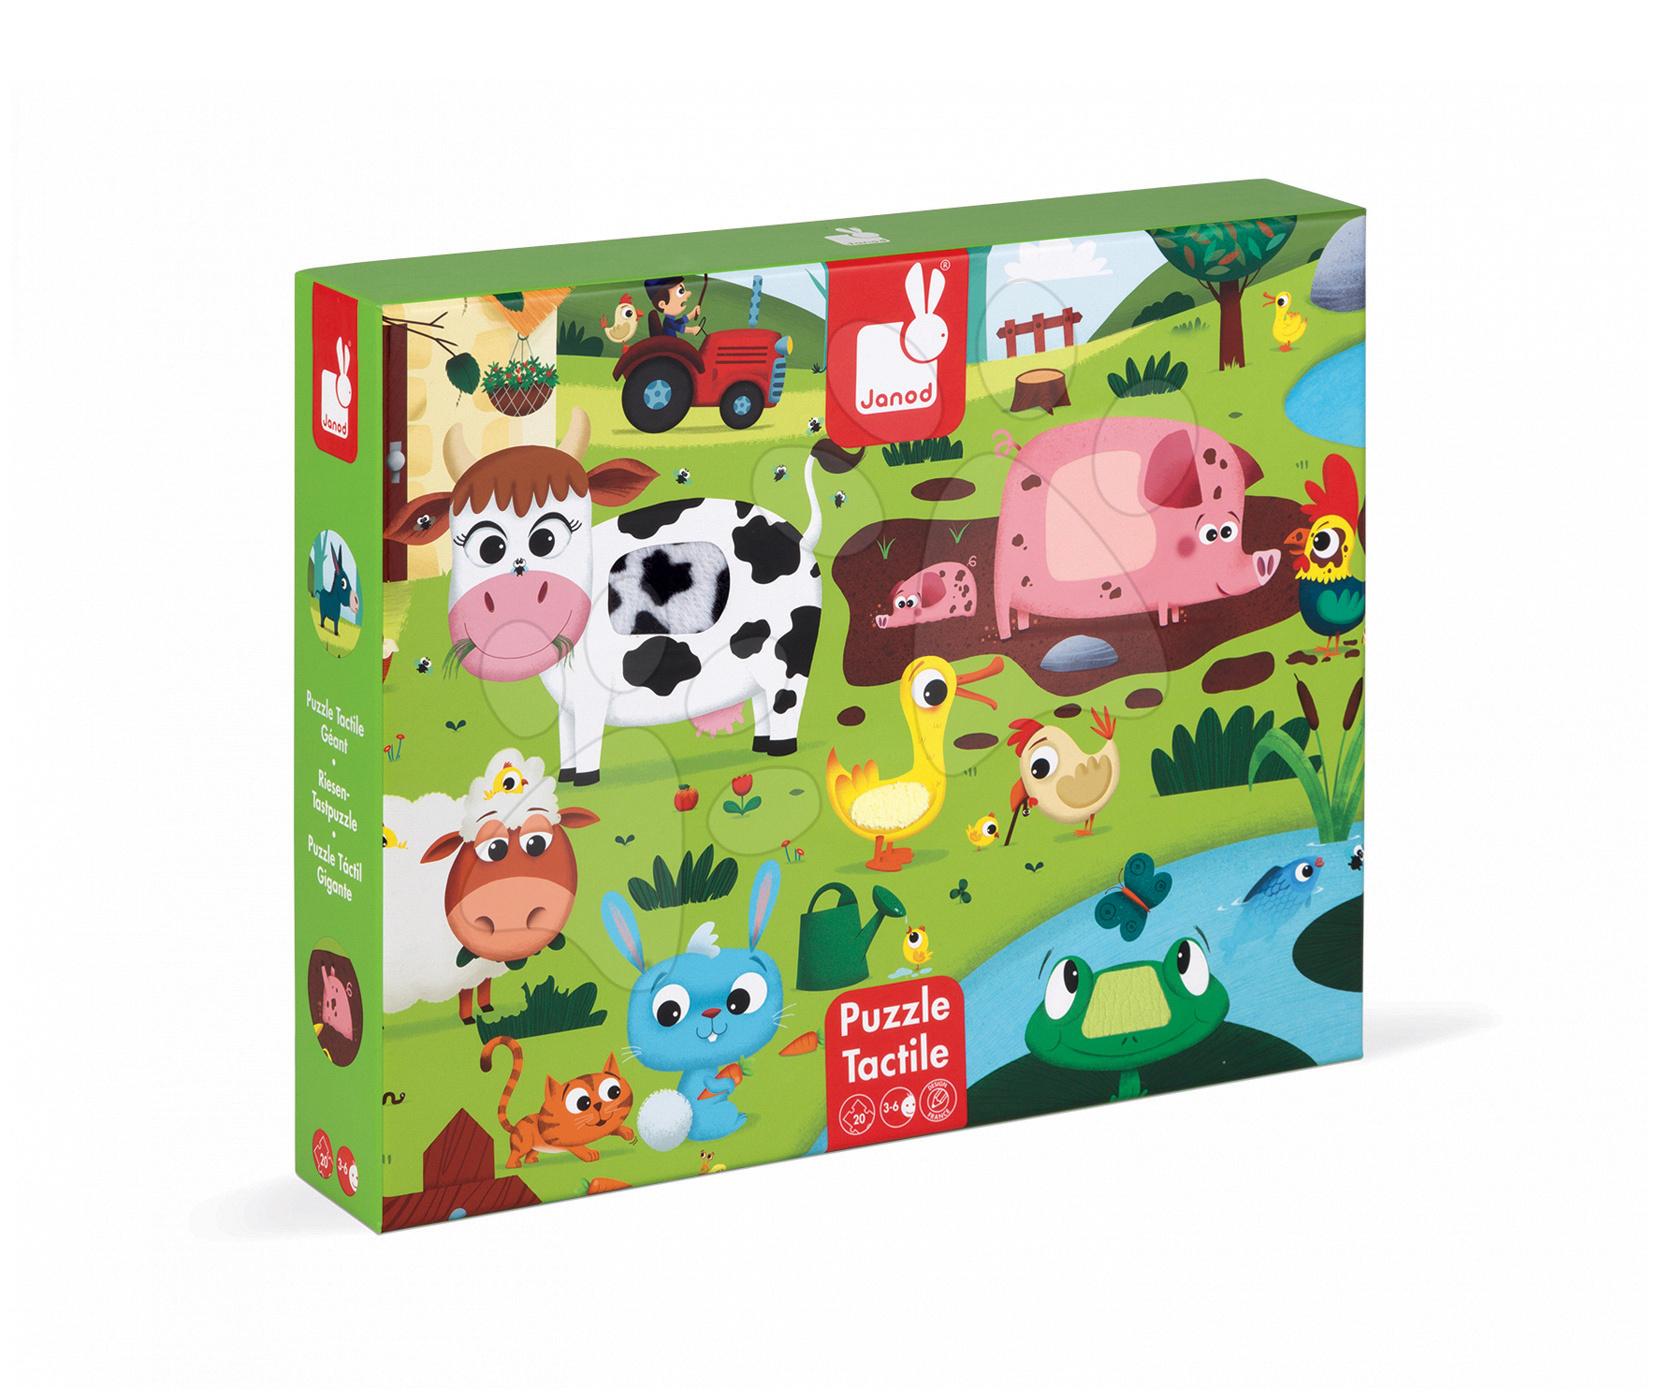 Lepenkové puzzle Tactile - Návštěva zvířátek na farmě Janod s texturou 20 dílů od 3 let